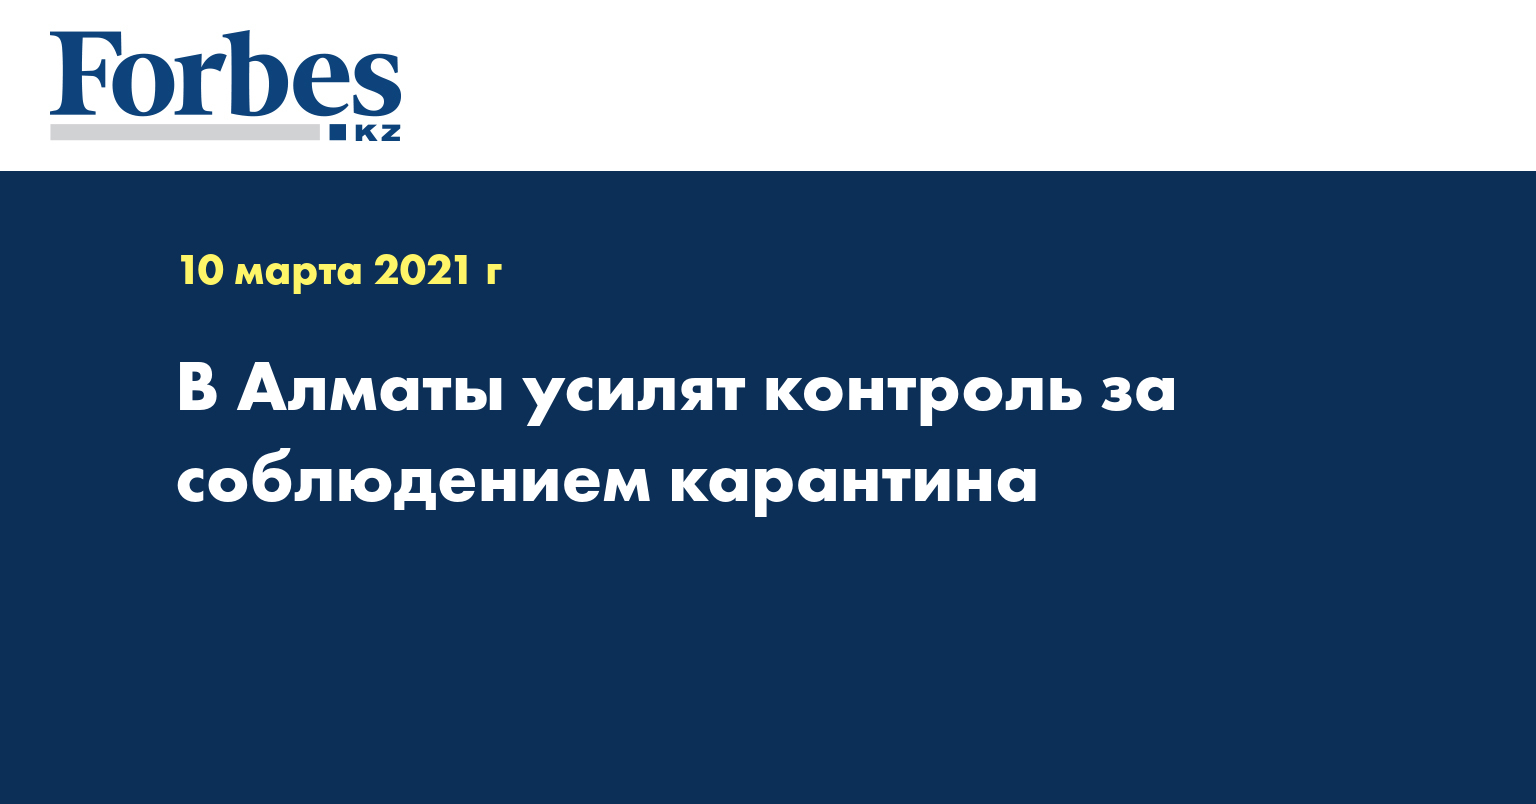 В Алматы усилят контроль за соблюдением карантина